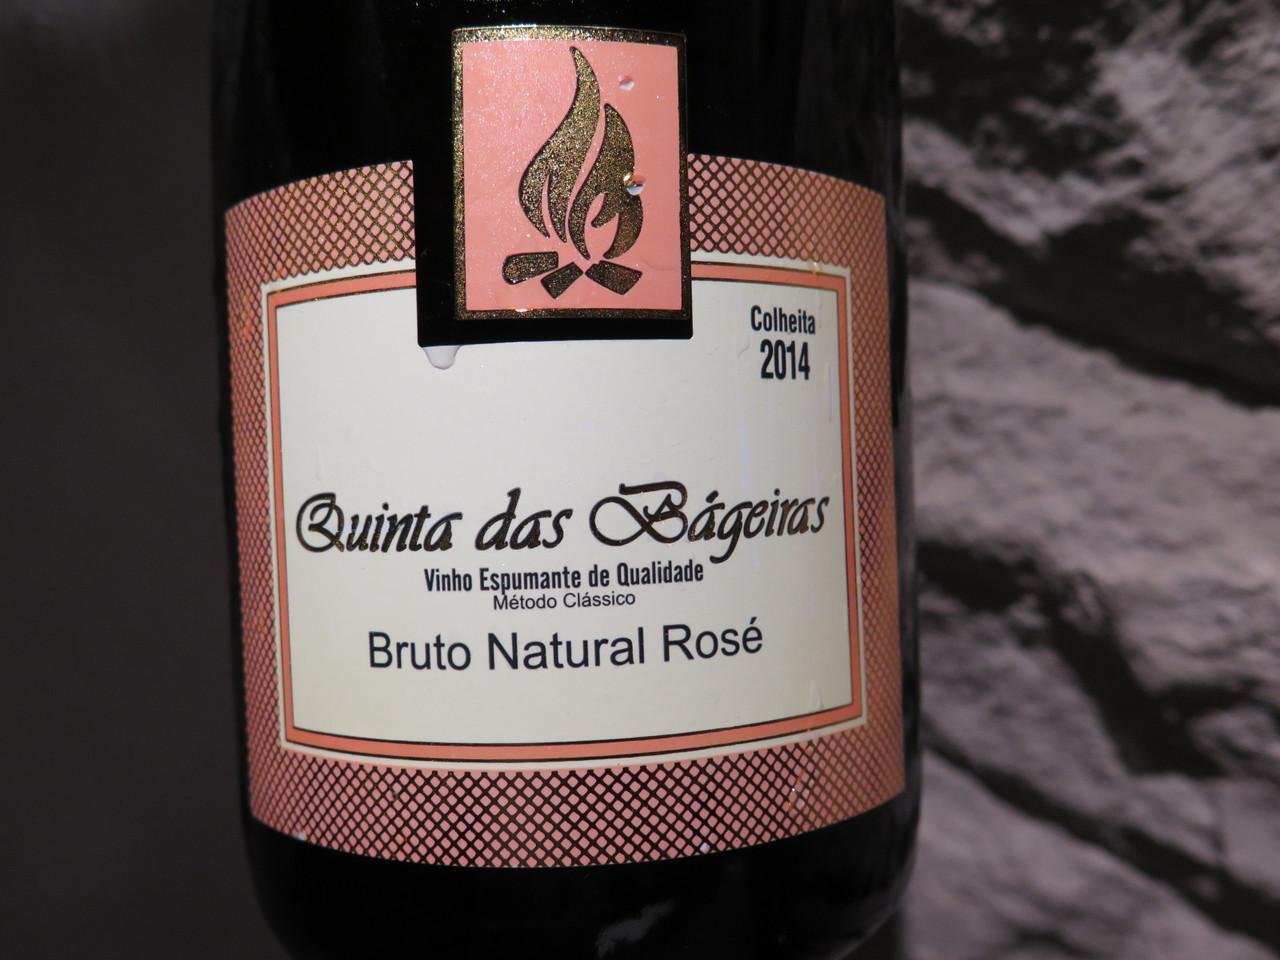 Espumante Quinta das Bágeiras Bruto Natural Rosé 2014